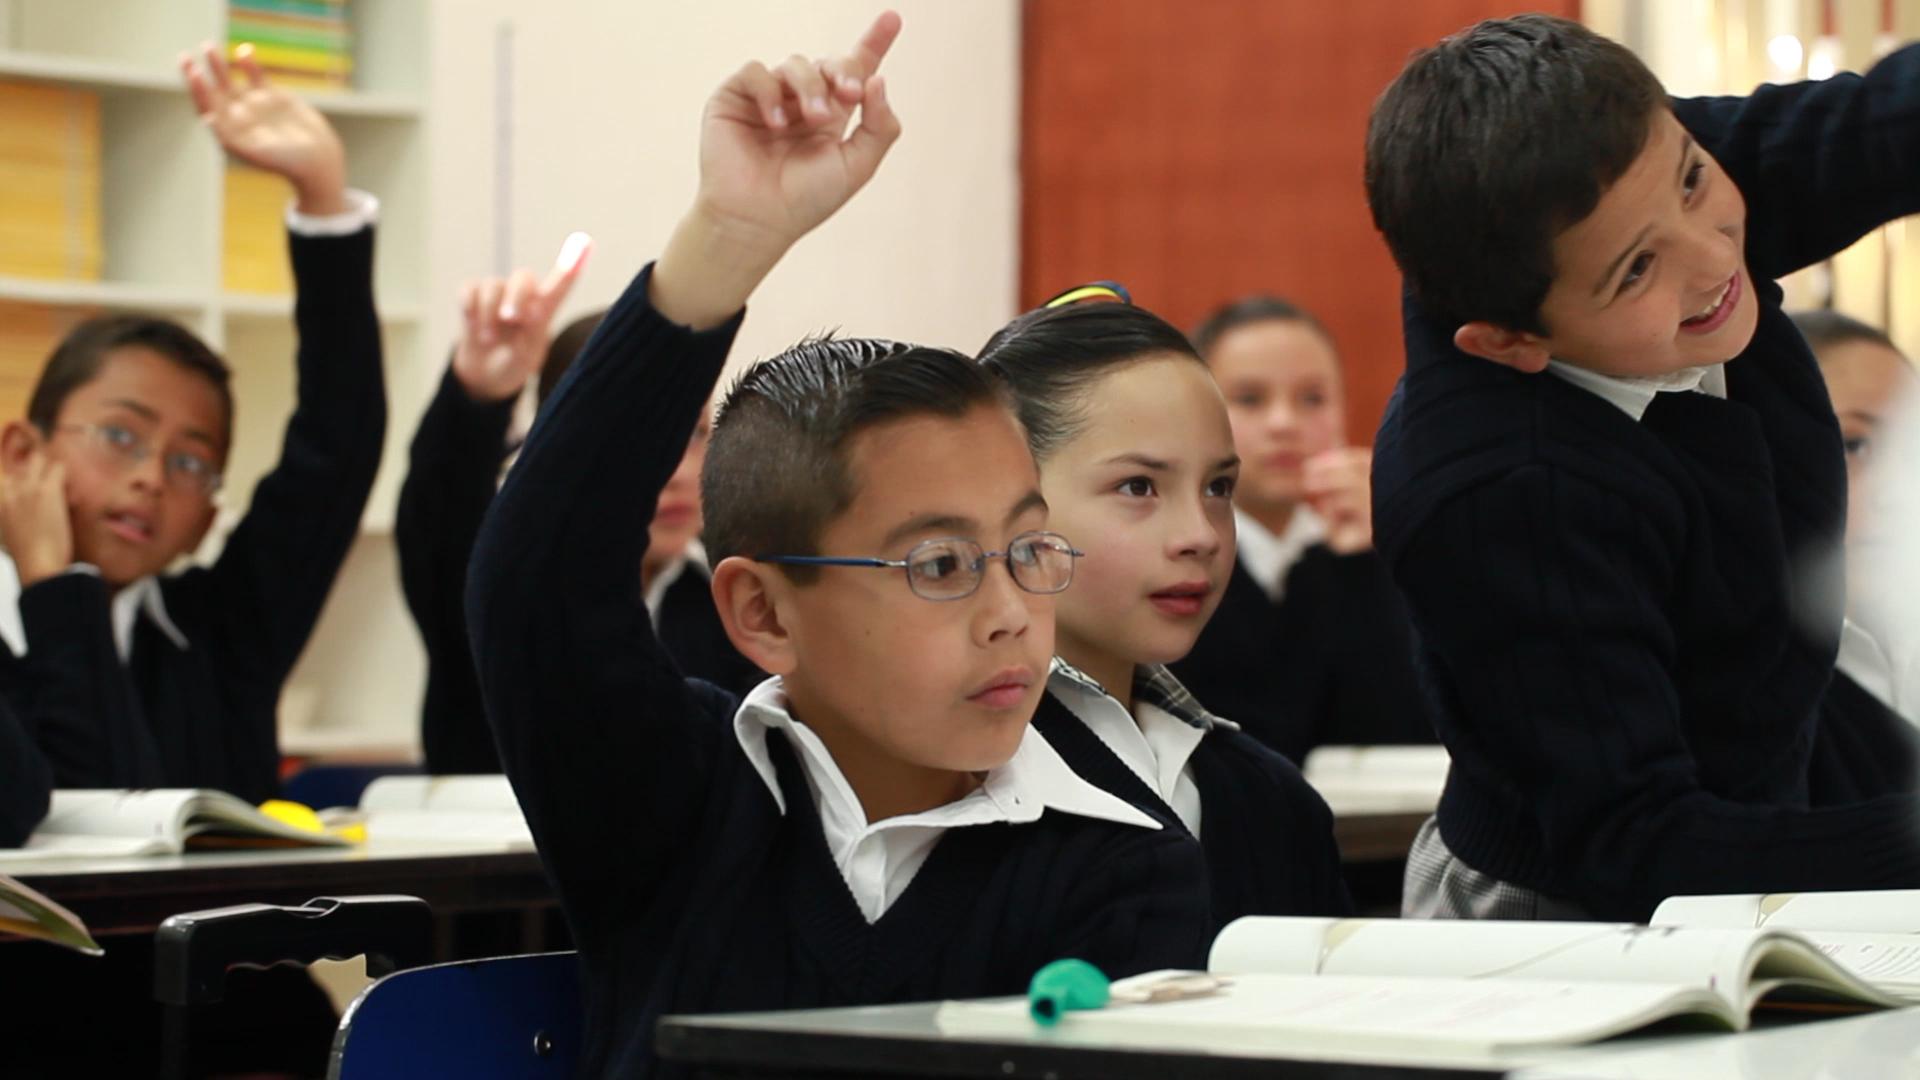 100 De Las Escuelas Del Pas Contarn Con Energa Elctrica